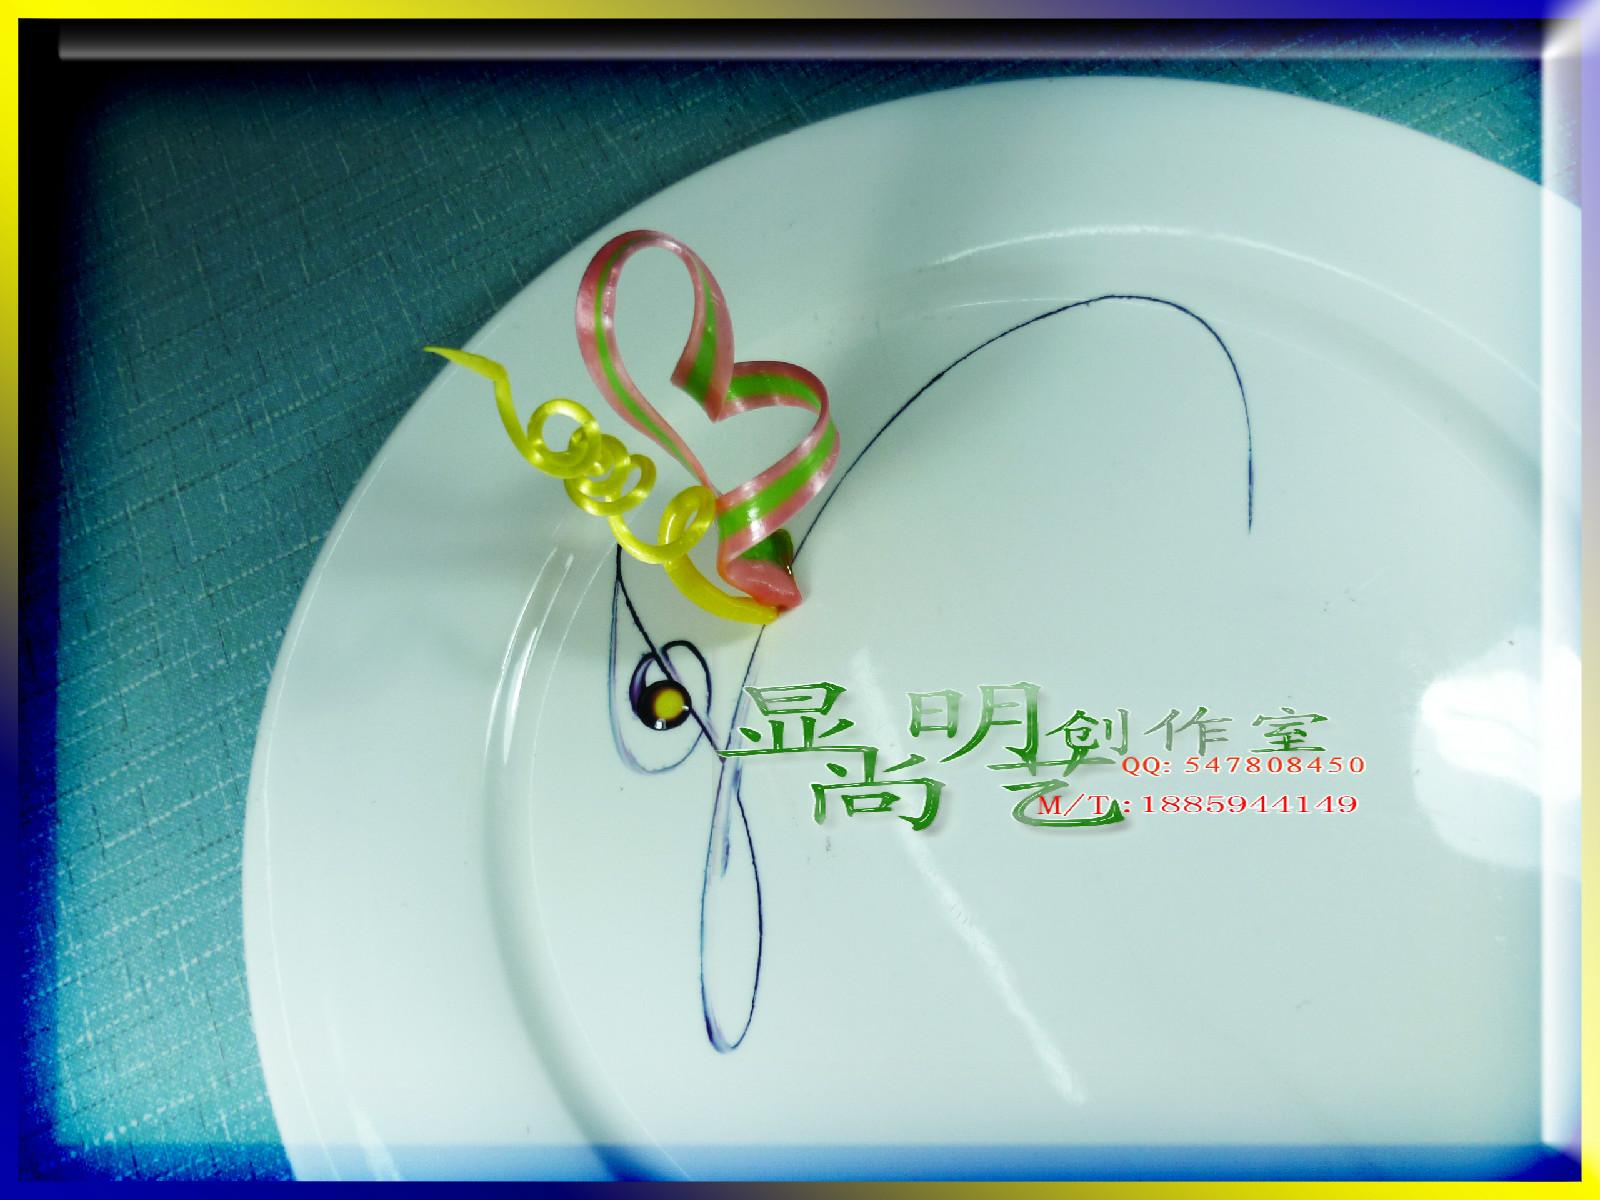 果酱画摆盘围边盘式图片,果酱盘饰画盘子图图片